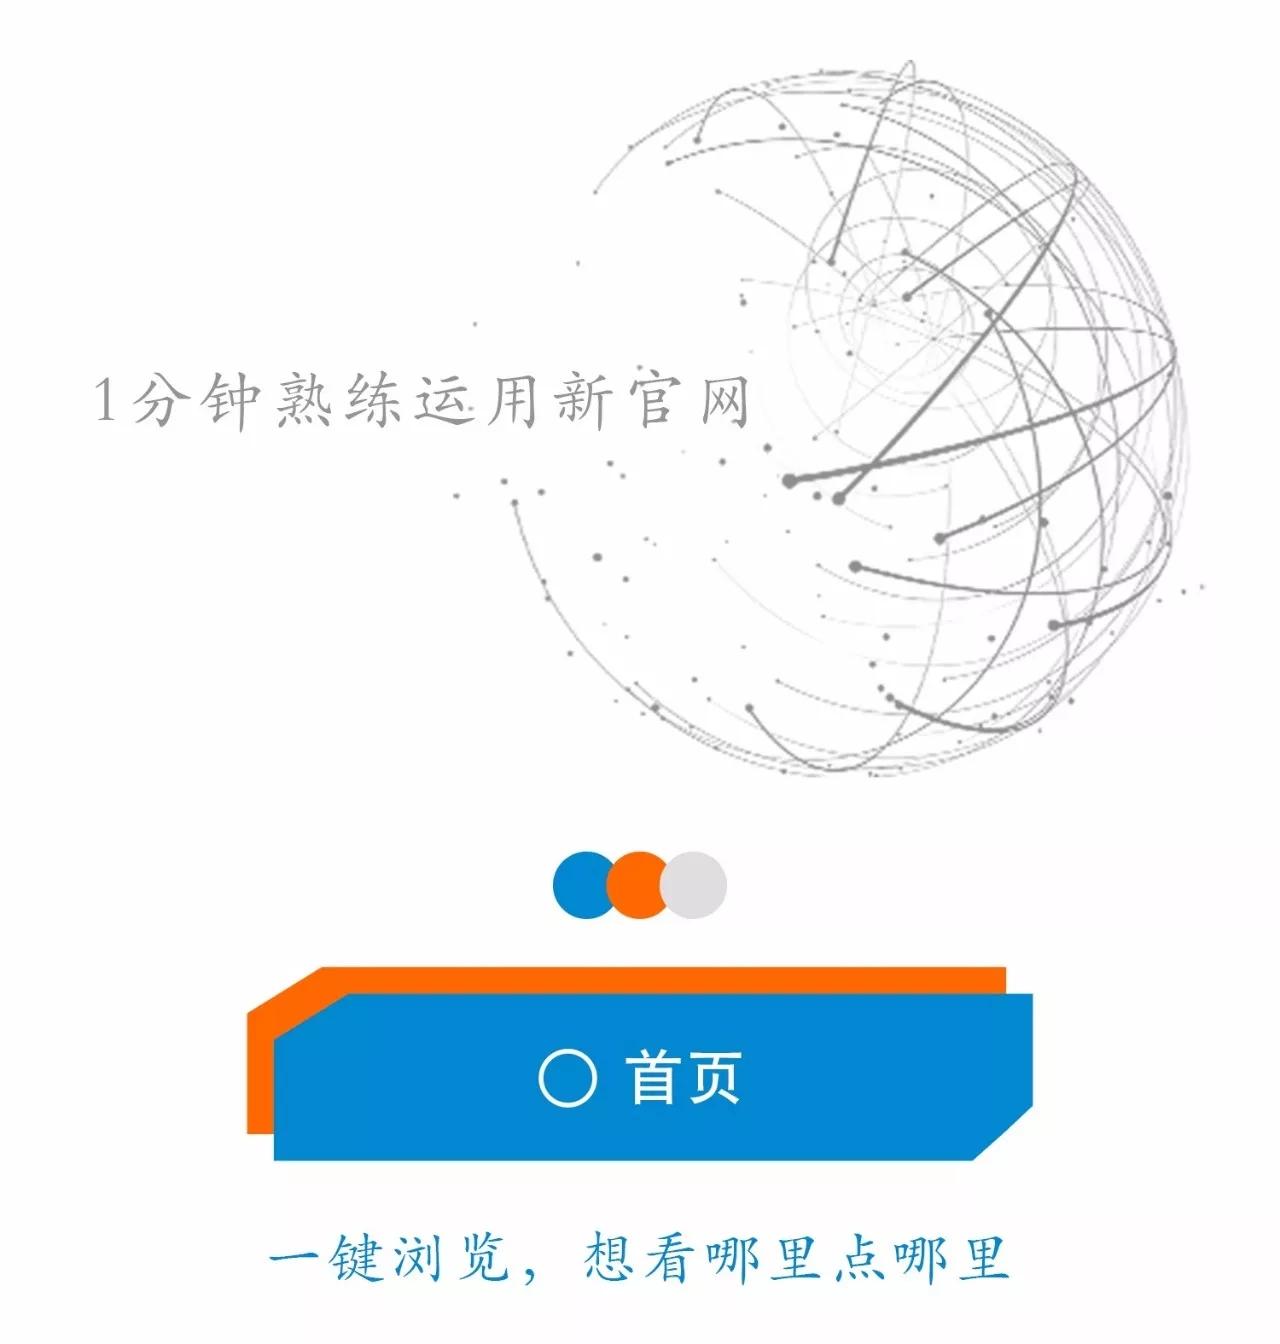 深圳易能电气技术股份有限公司